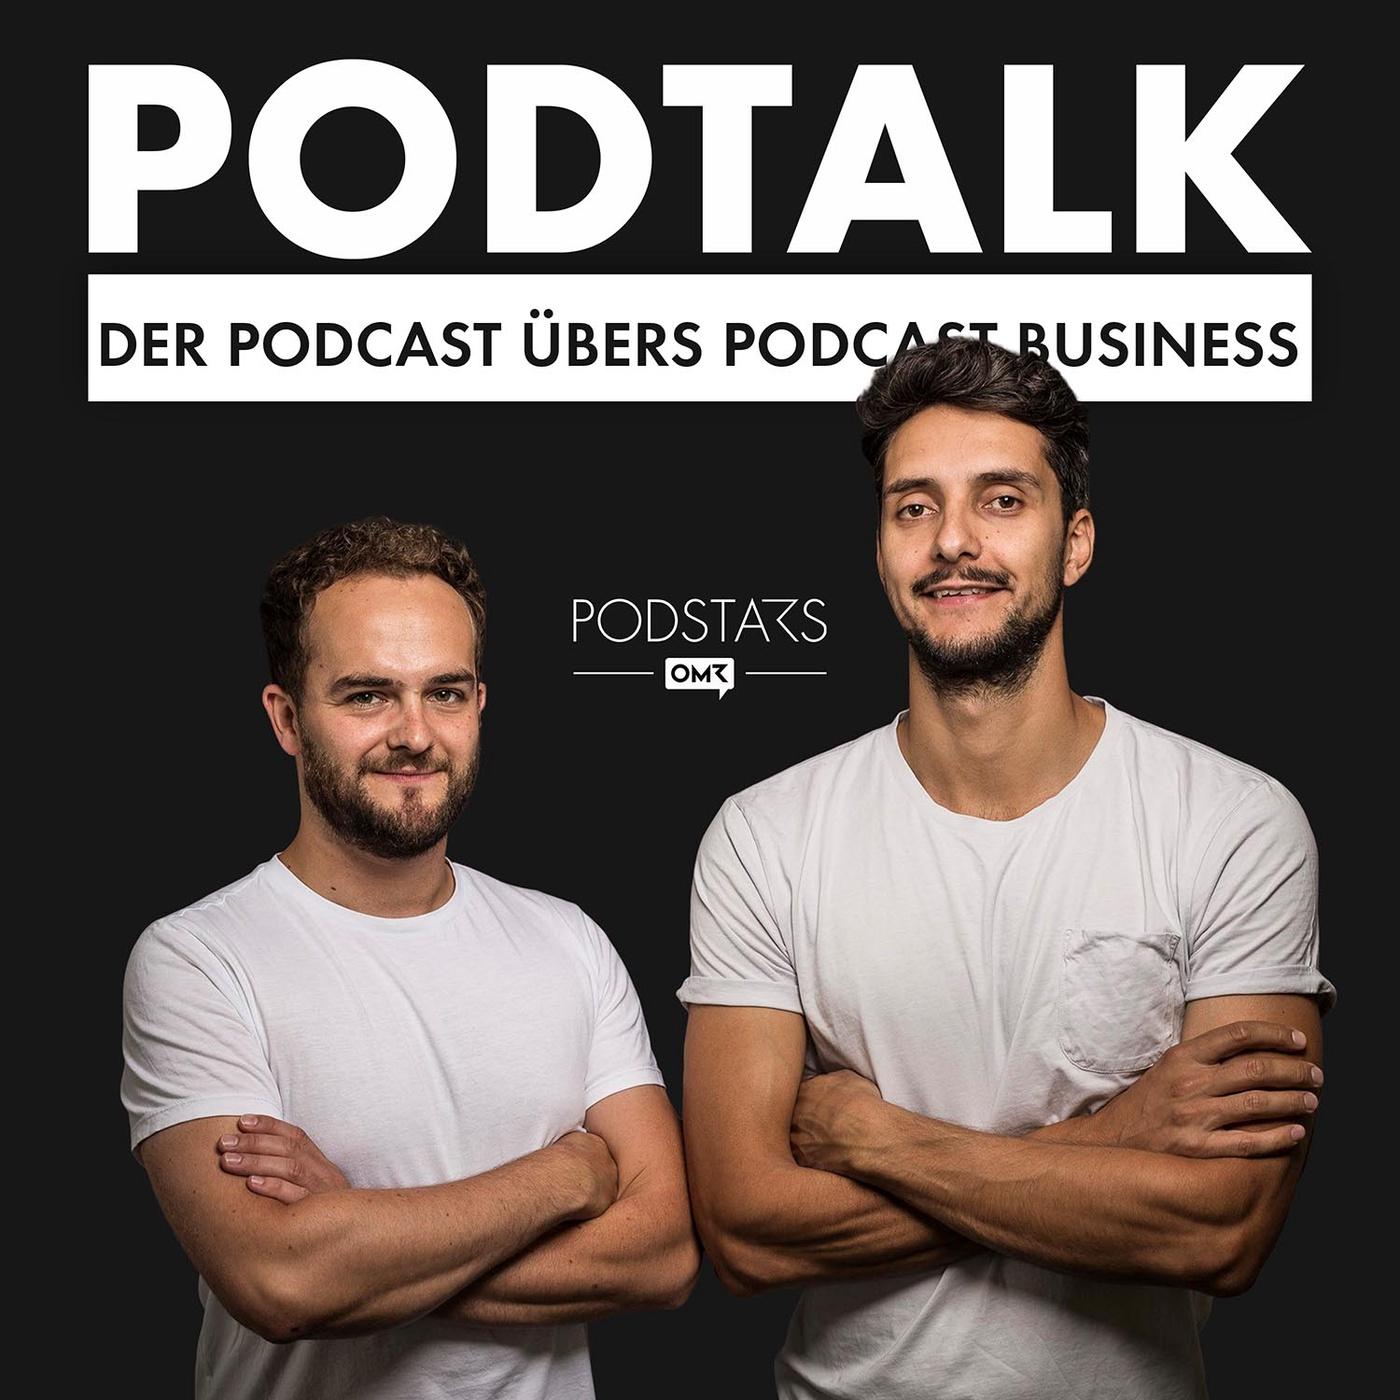 PodTalk #29: Podimo und die Explosion des deutschen Podcast-Marktes